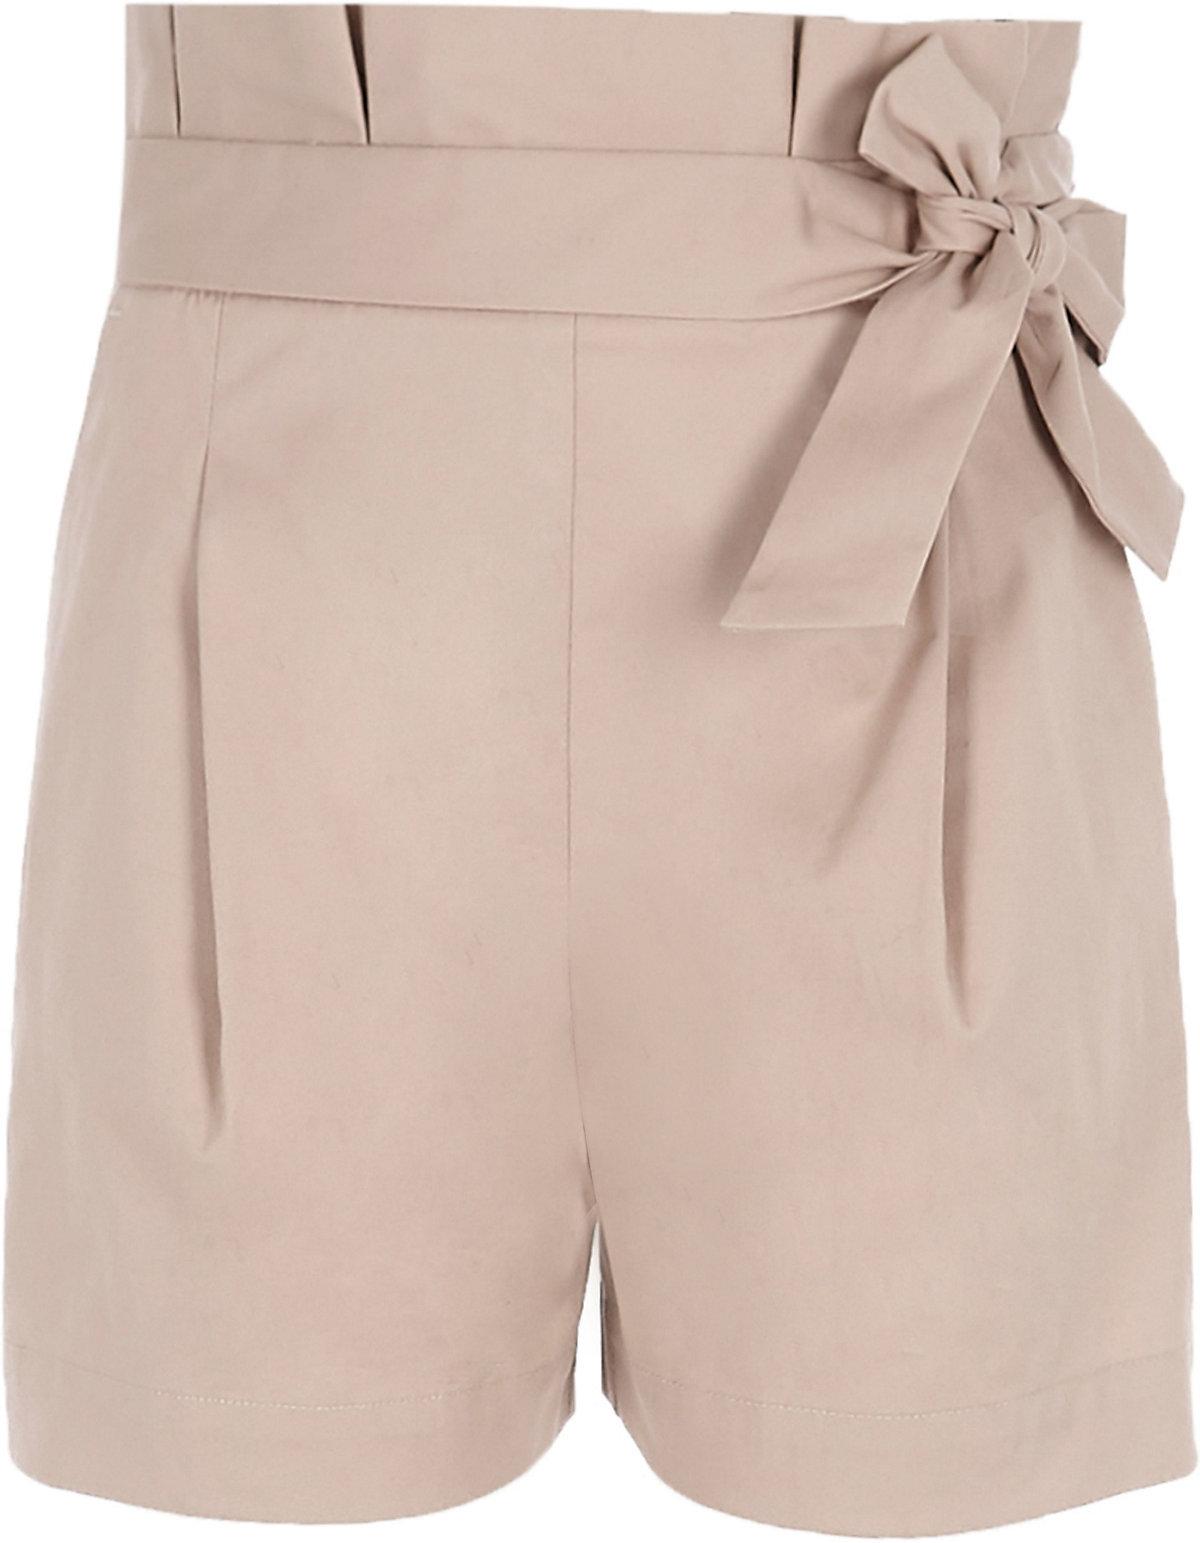 Girls beige paper bag waist shorts